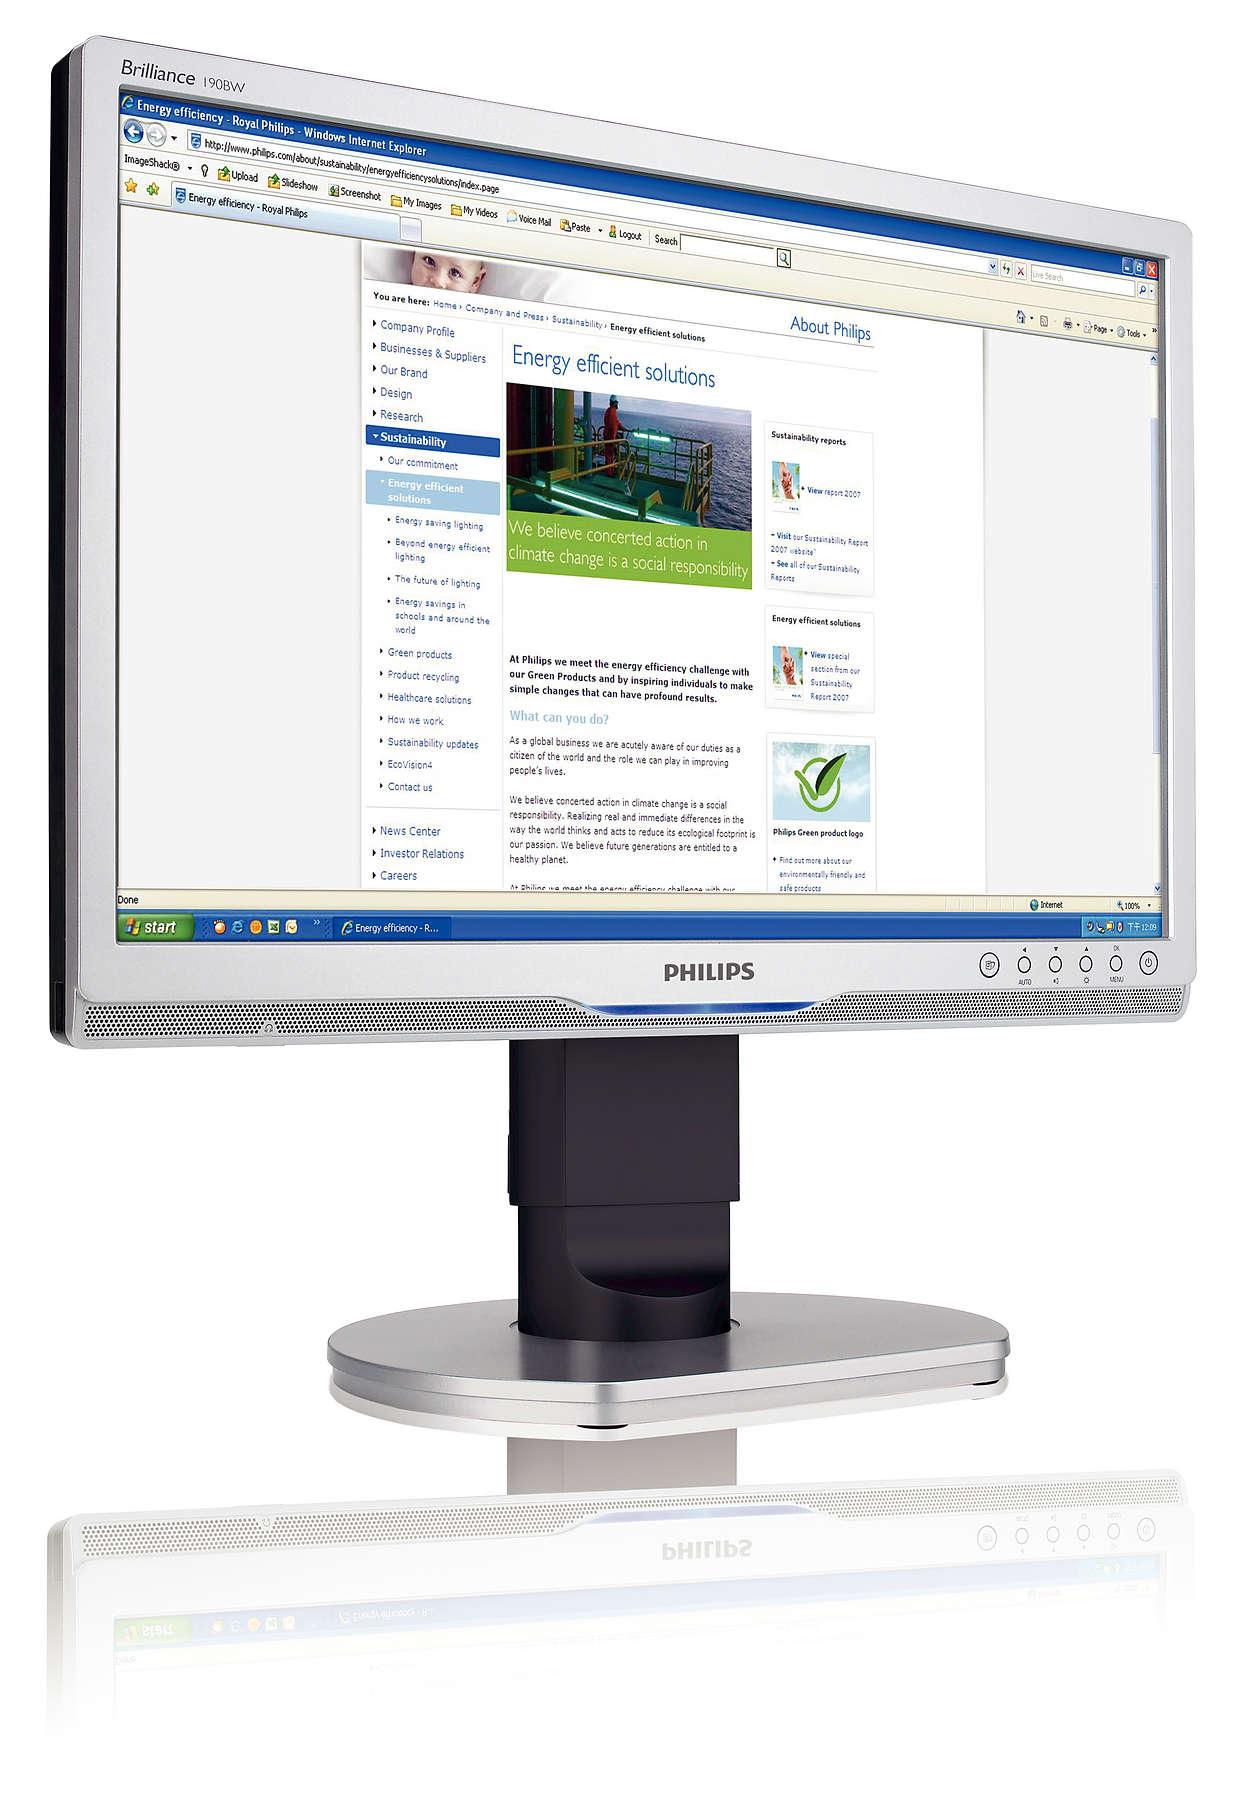 Nagy felbontású ergonomikus széles képernyő üzleti célra